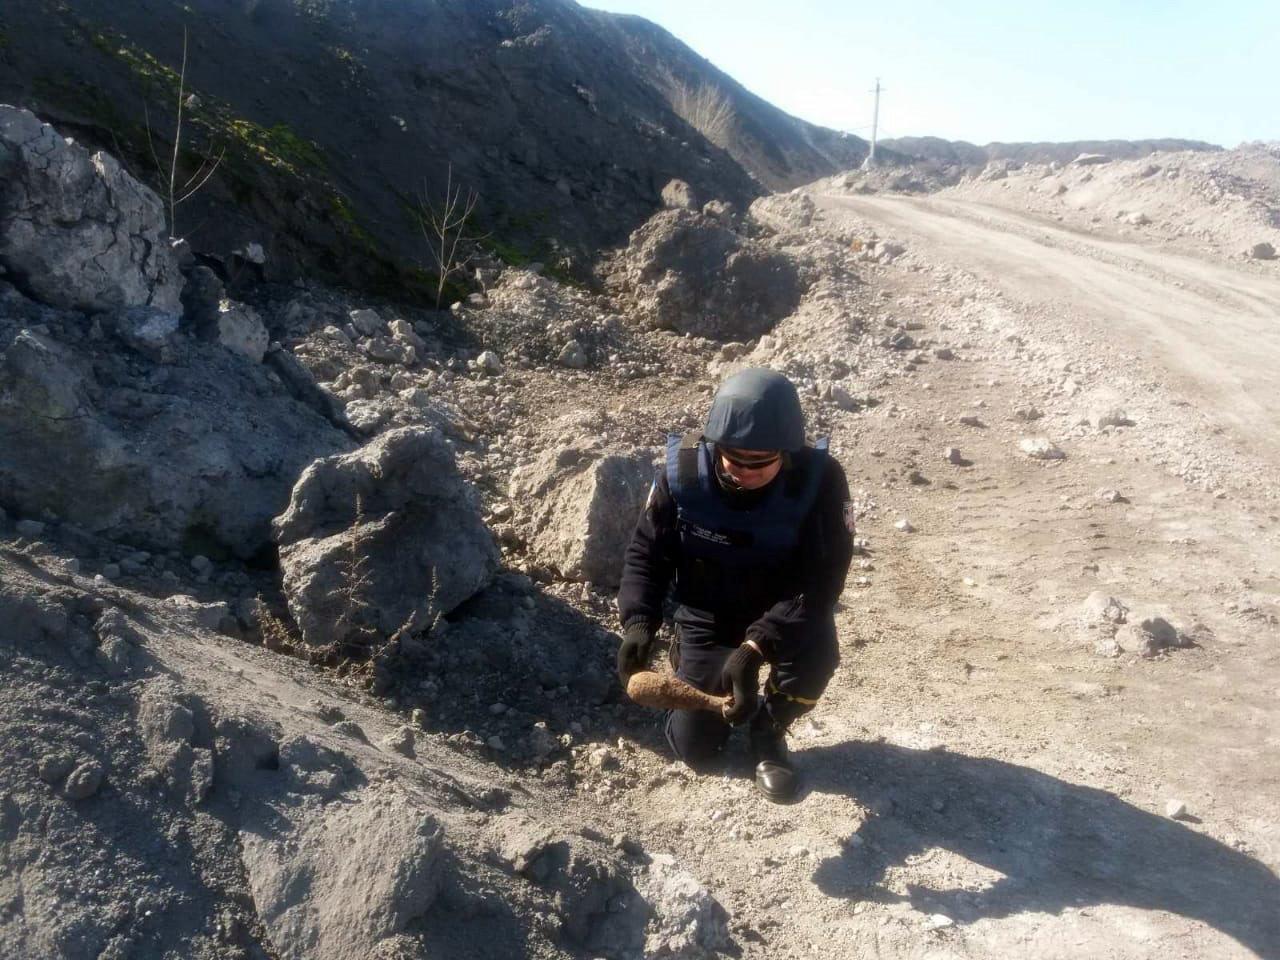 Искал лом, наткнулся на мину: под Кривым Рогом нашли устаревший боеприпас, - ФОТО, фото-2